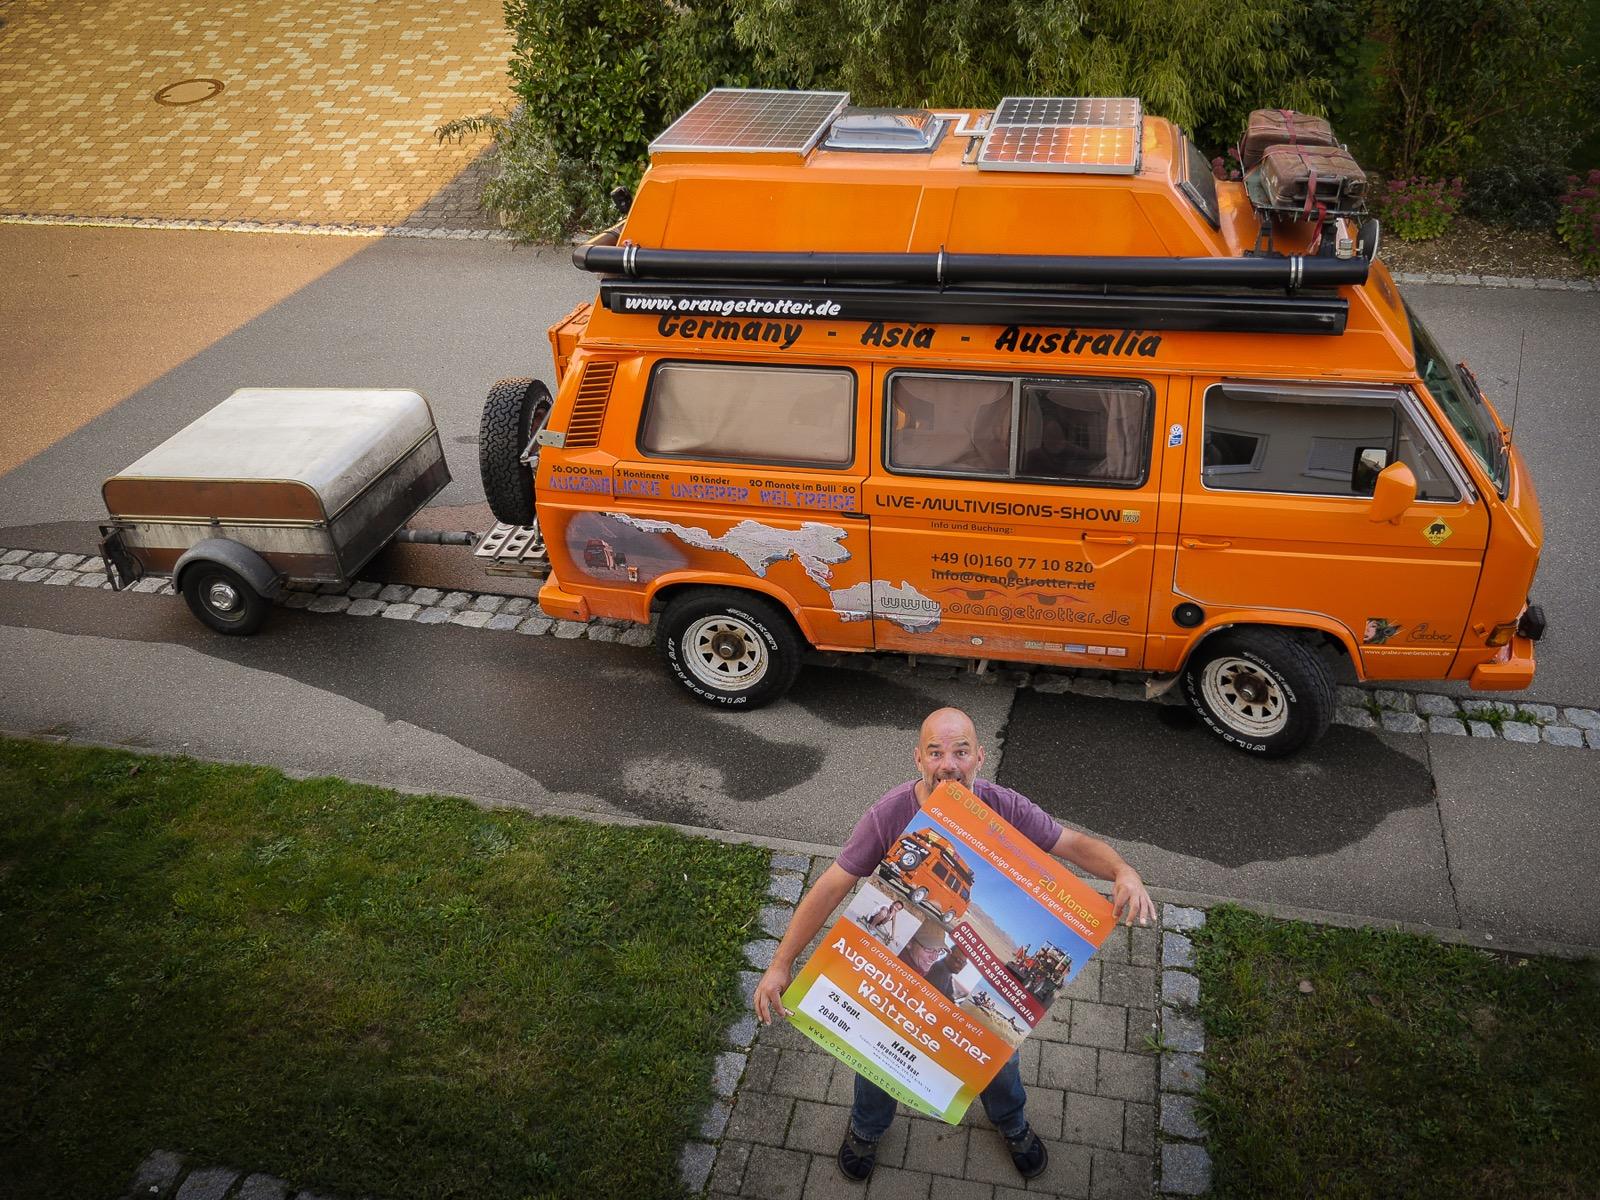 Der Orangetrotter on Tour - Augenblicke einer Weltreise